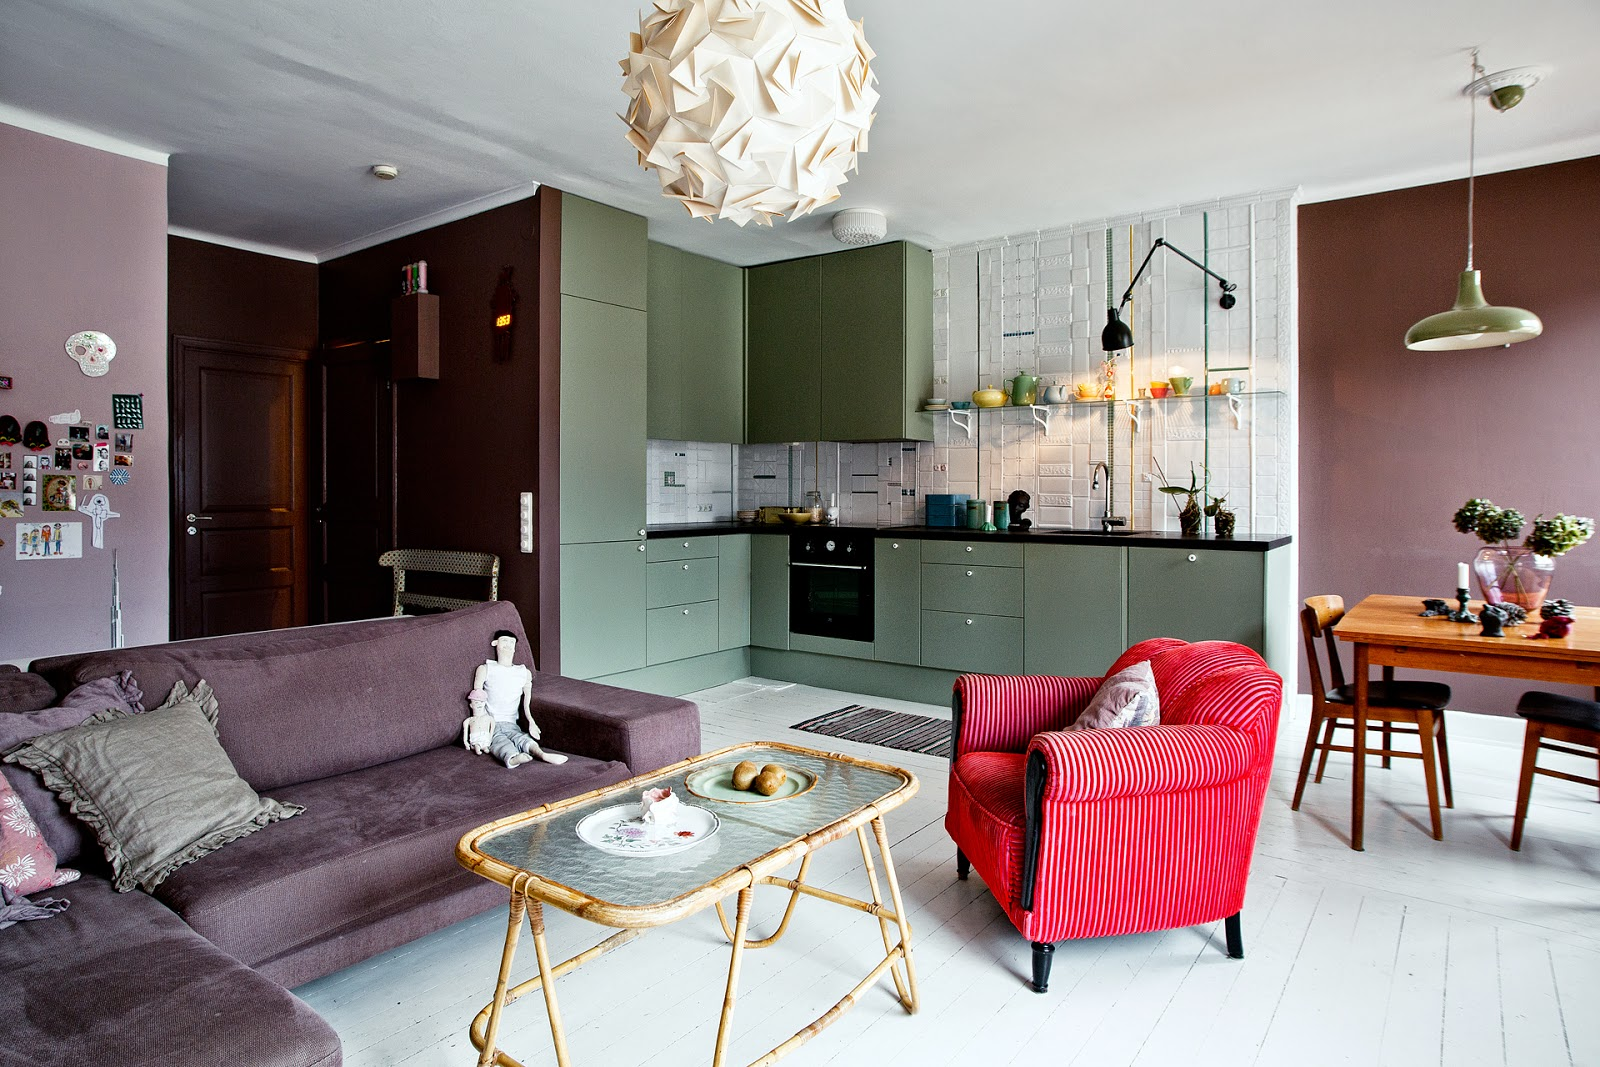 Kreativa kvadrat ab: weekly inspiration! en färgglad lägenhet via ...